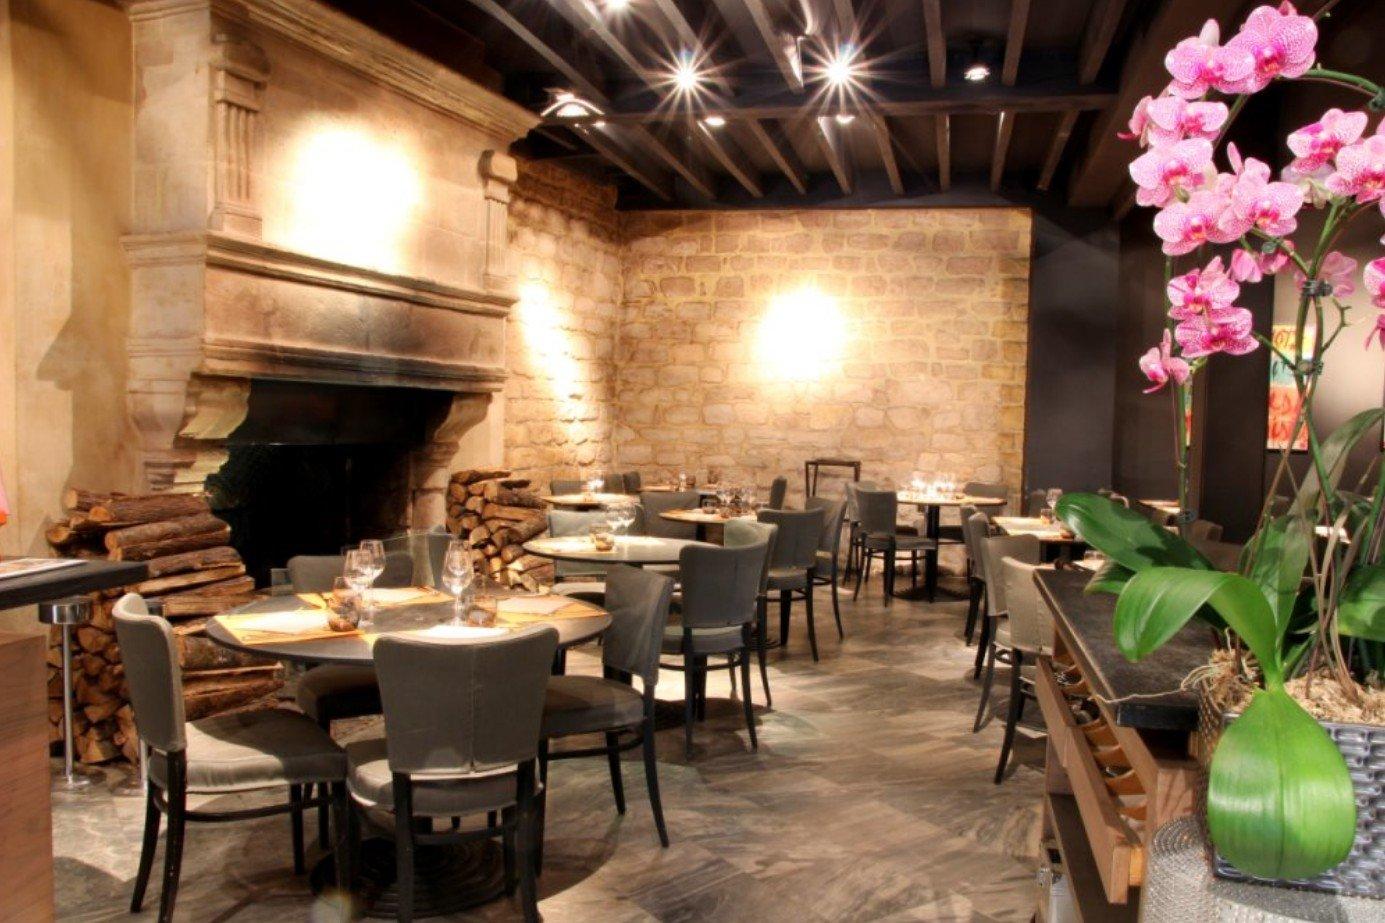 Restaurant atelier maitre albert paris paris for Atelier cuisine paris